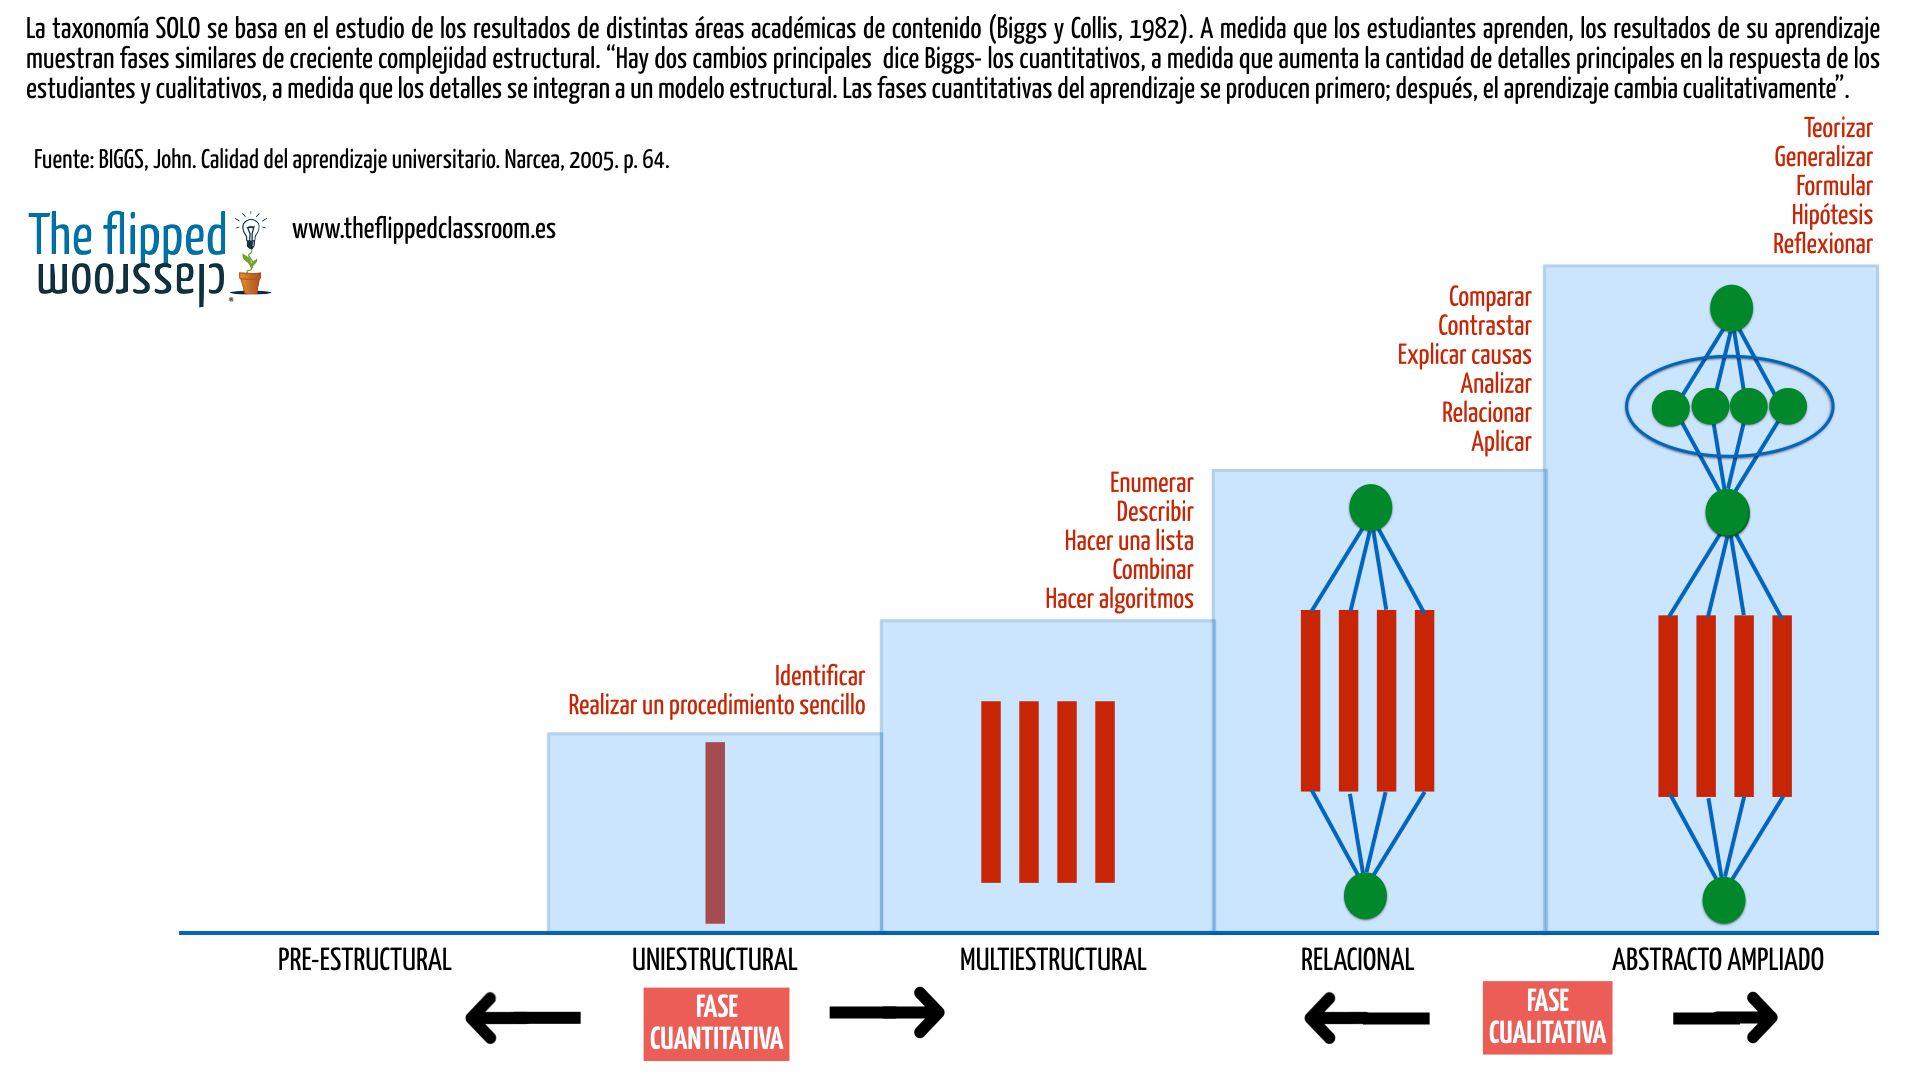 El marco de referencia de Biggs